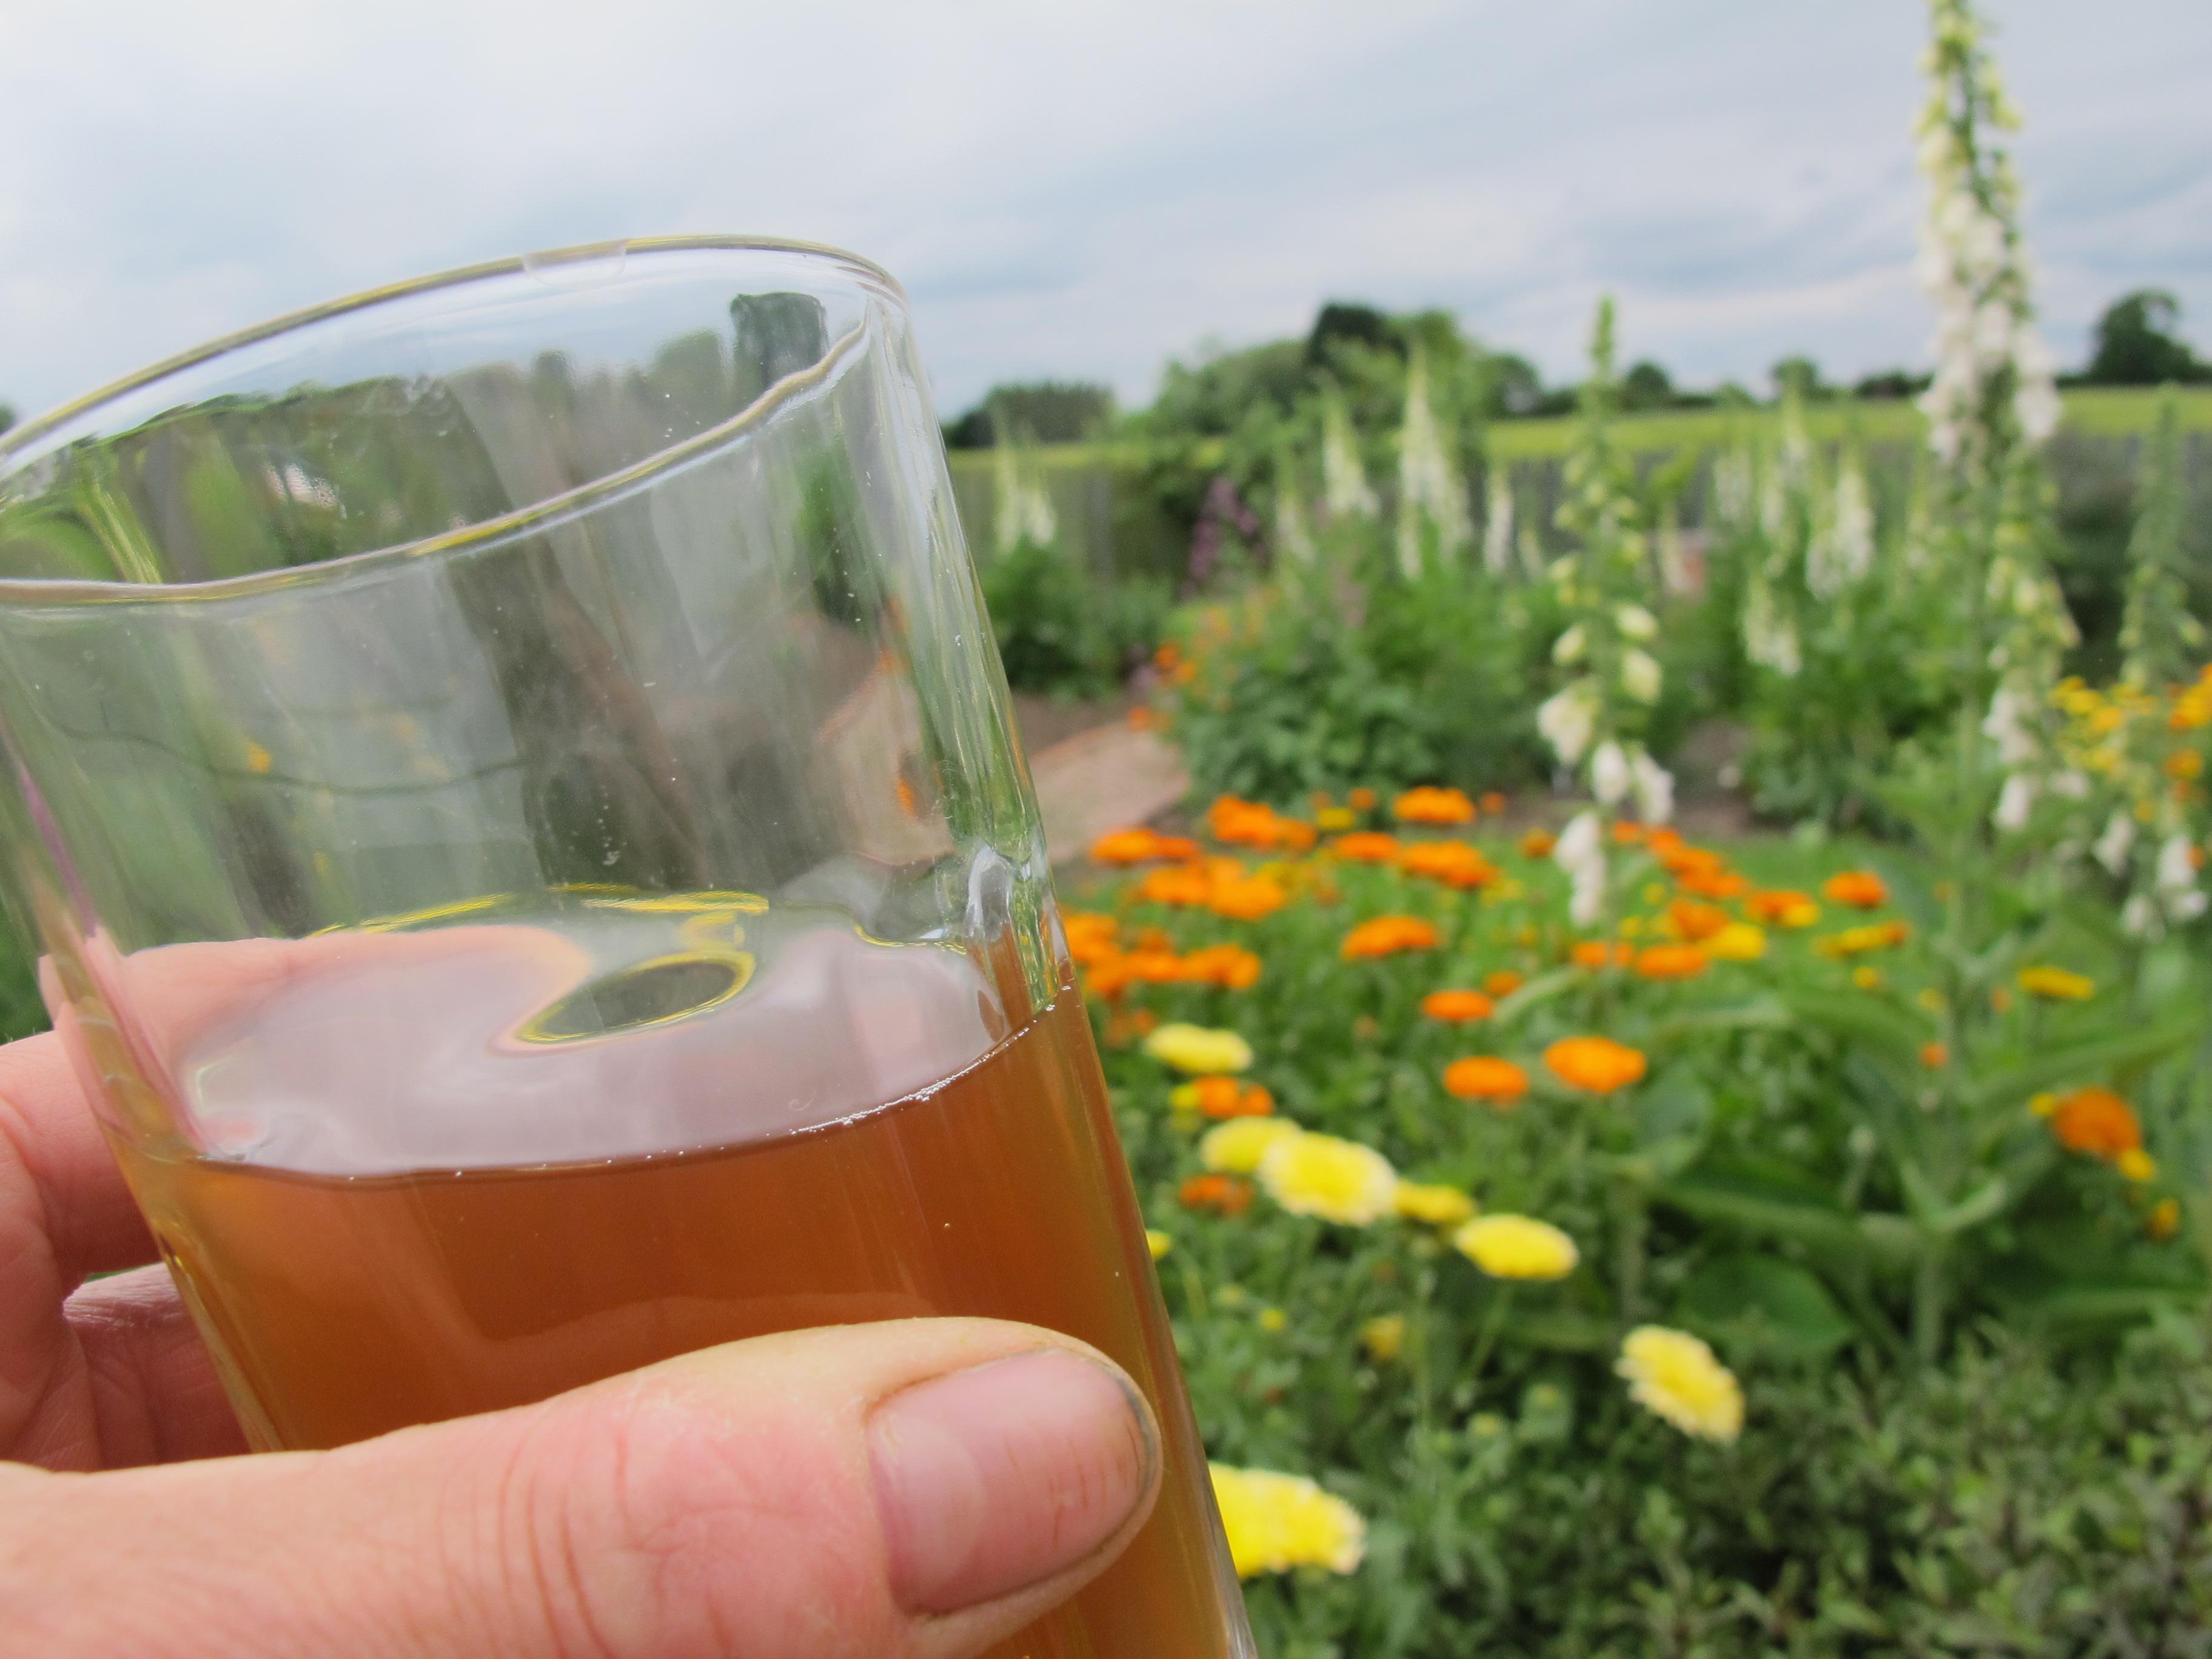 nettle beer 'Taste the Wild'